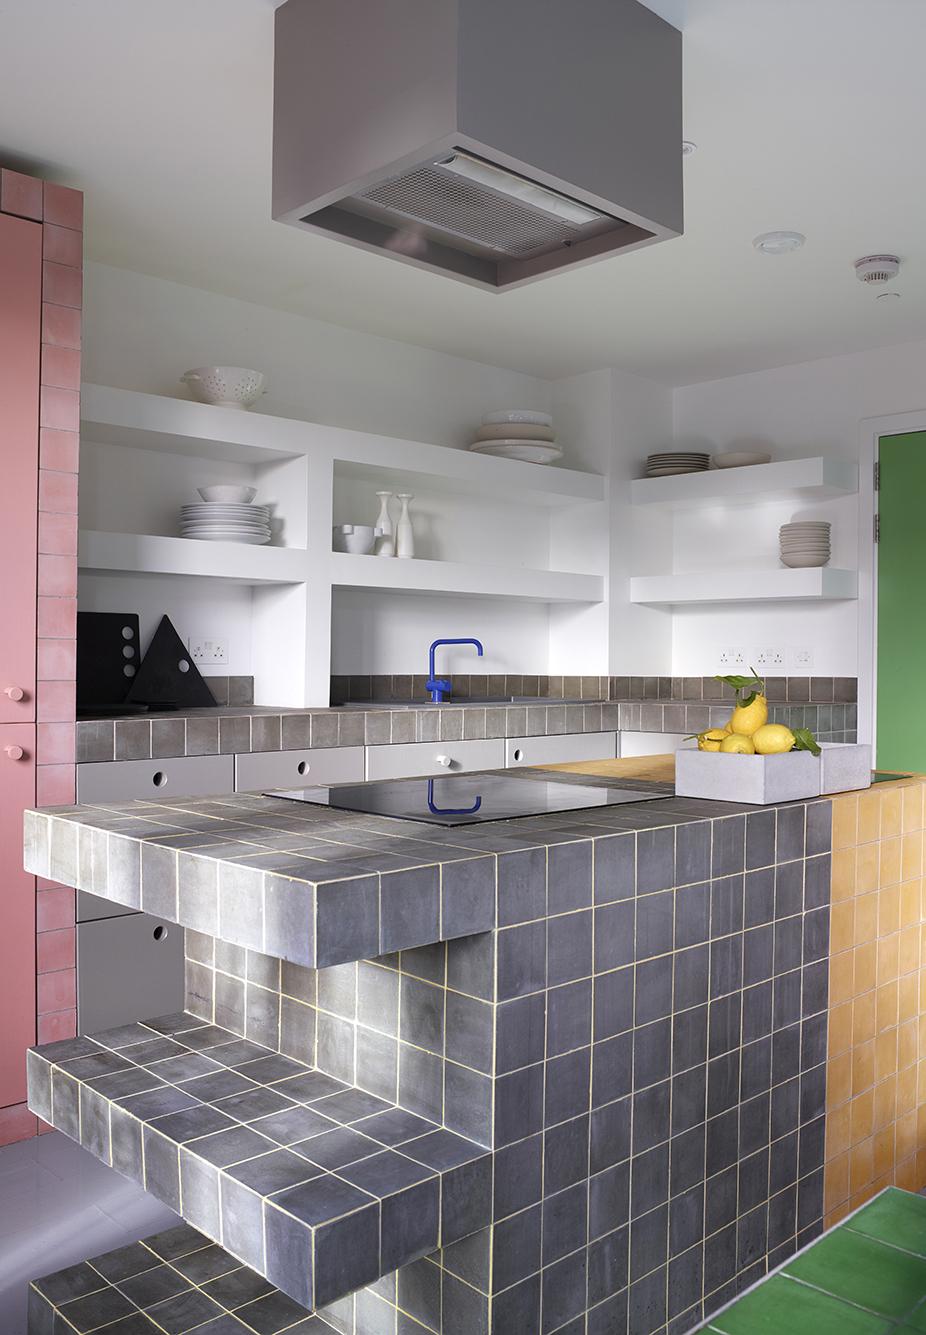 O branco e cinza como cores base podem ser combinadas com os mais diversos tons de cores, como nesta cozinha